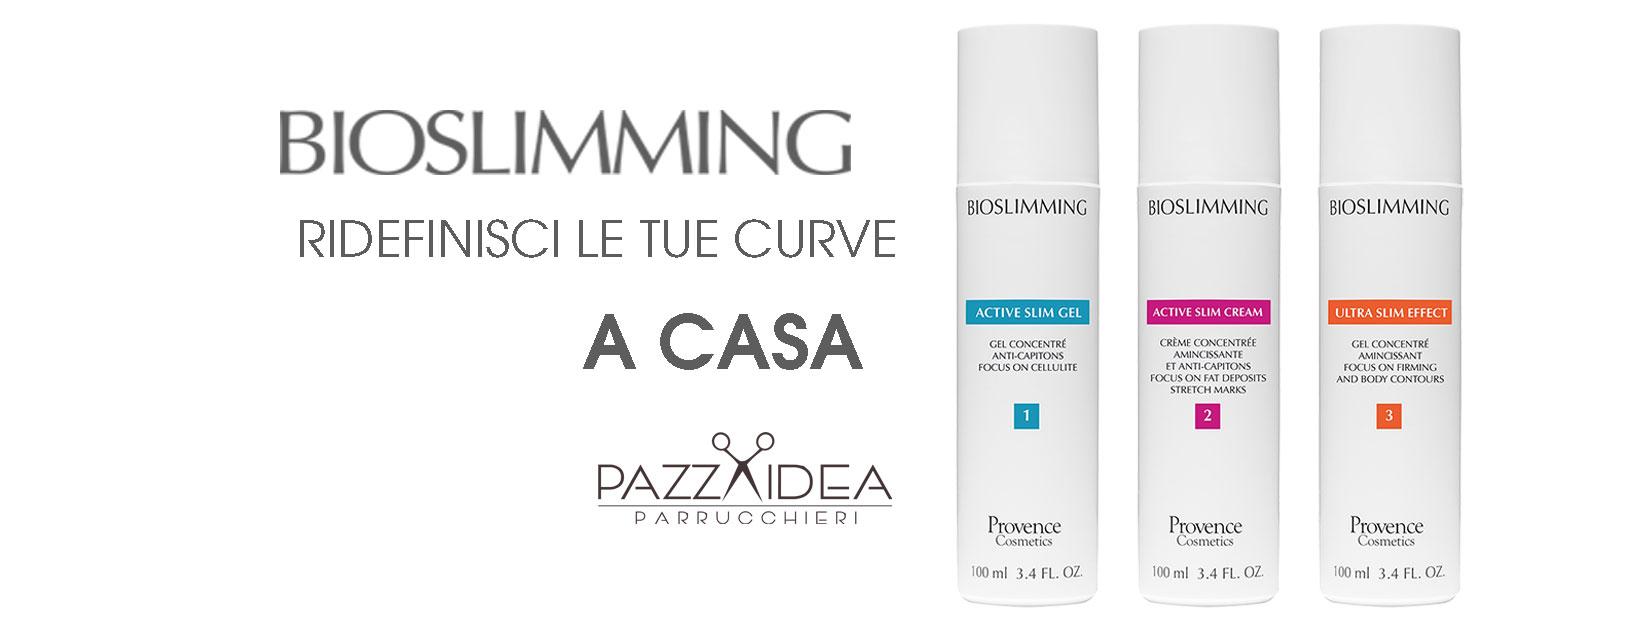 bioslimming_a_casa